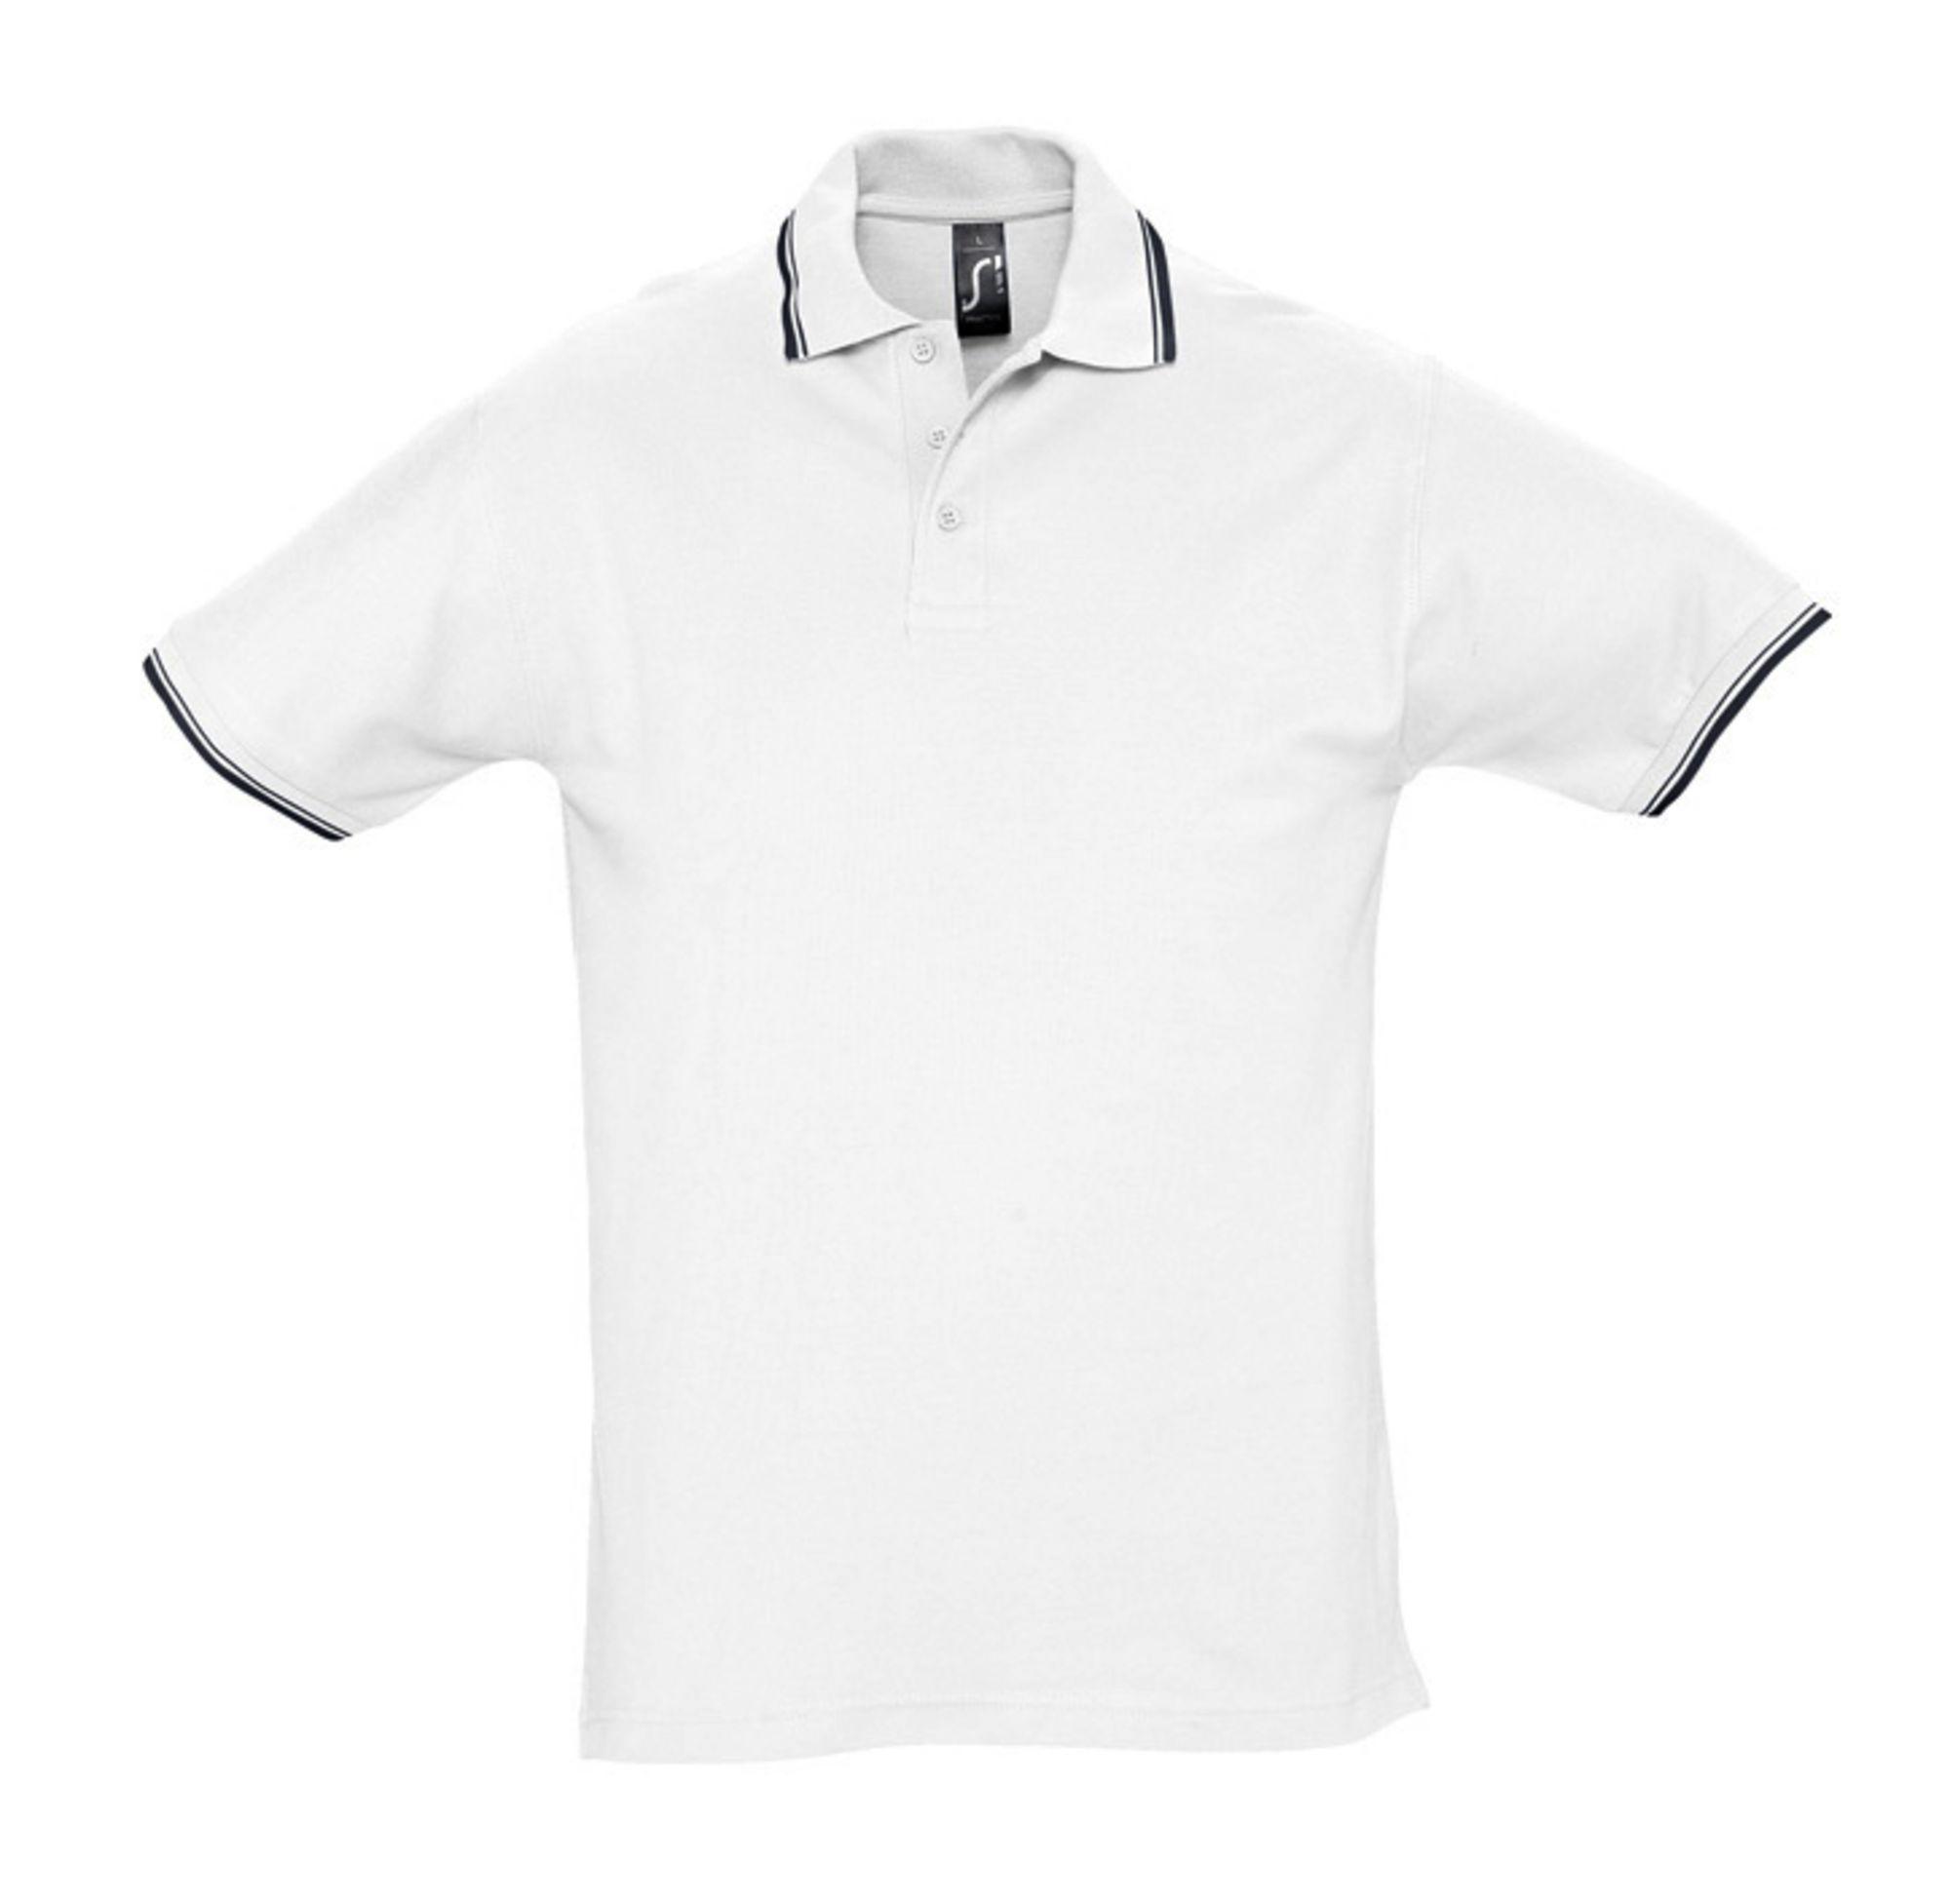 Рубашка поло мужская PRACTICE 270, белый/темно-синий